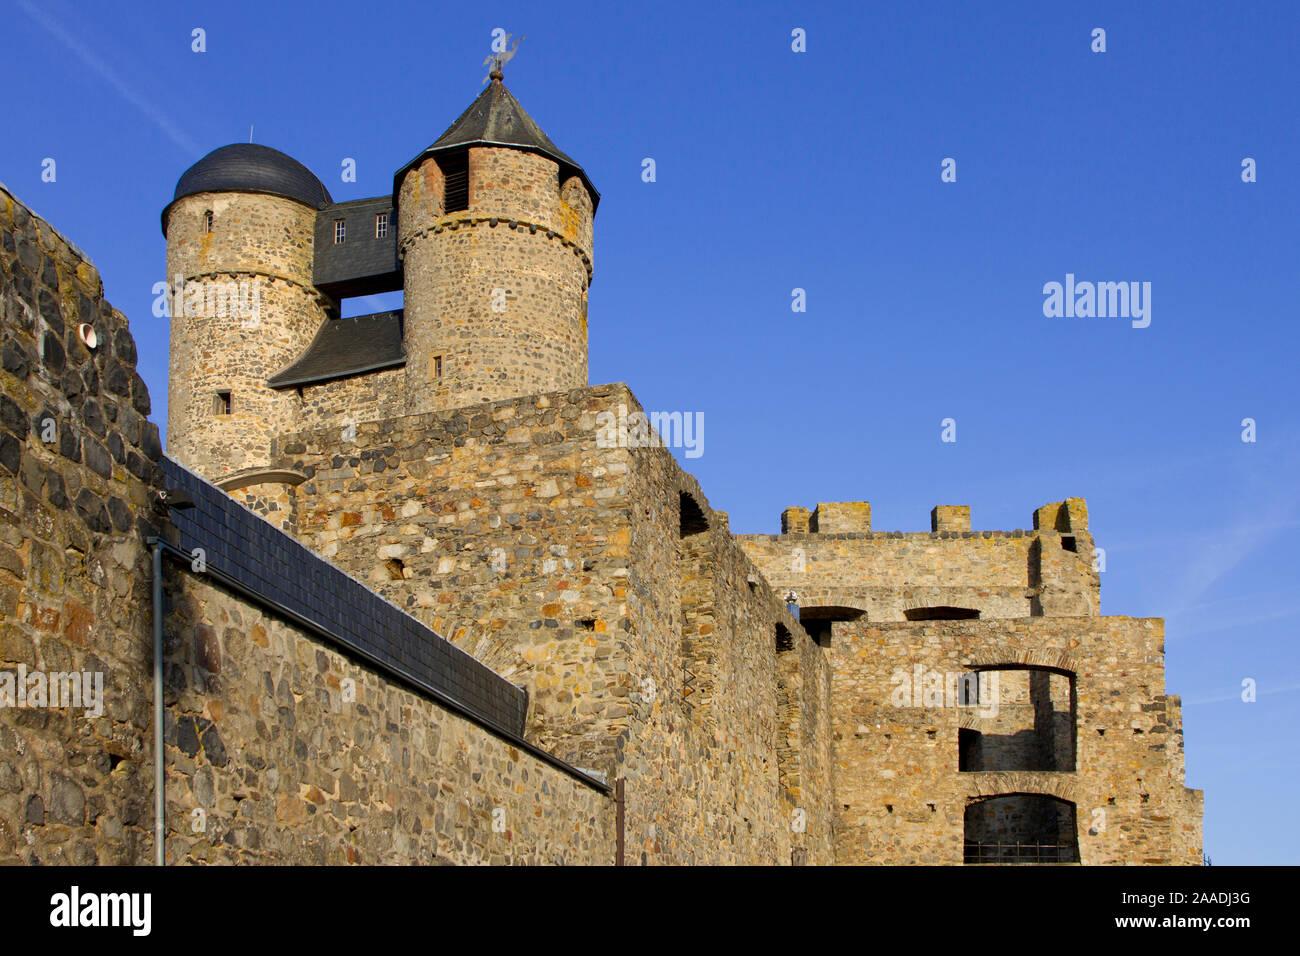 """Bundesrepublik Deutschland,Hessen,Greifenstein,Glockenwelt (pr) bei Veröffentlichung angeben: """"Glockenwelt Burg Greifenstein"""" Stock Photo"""